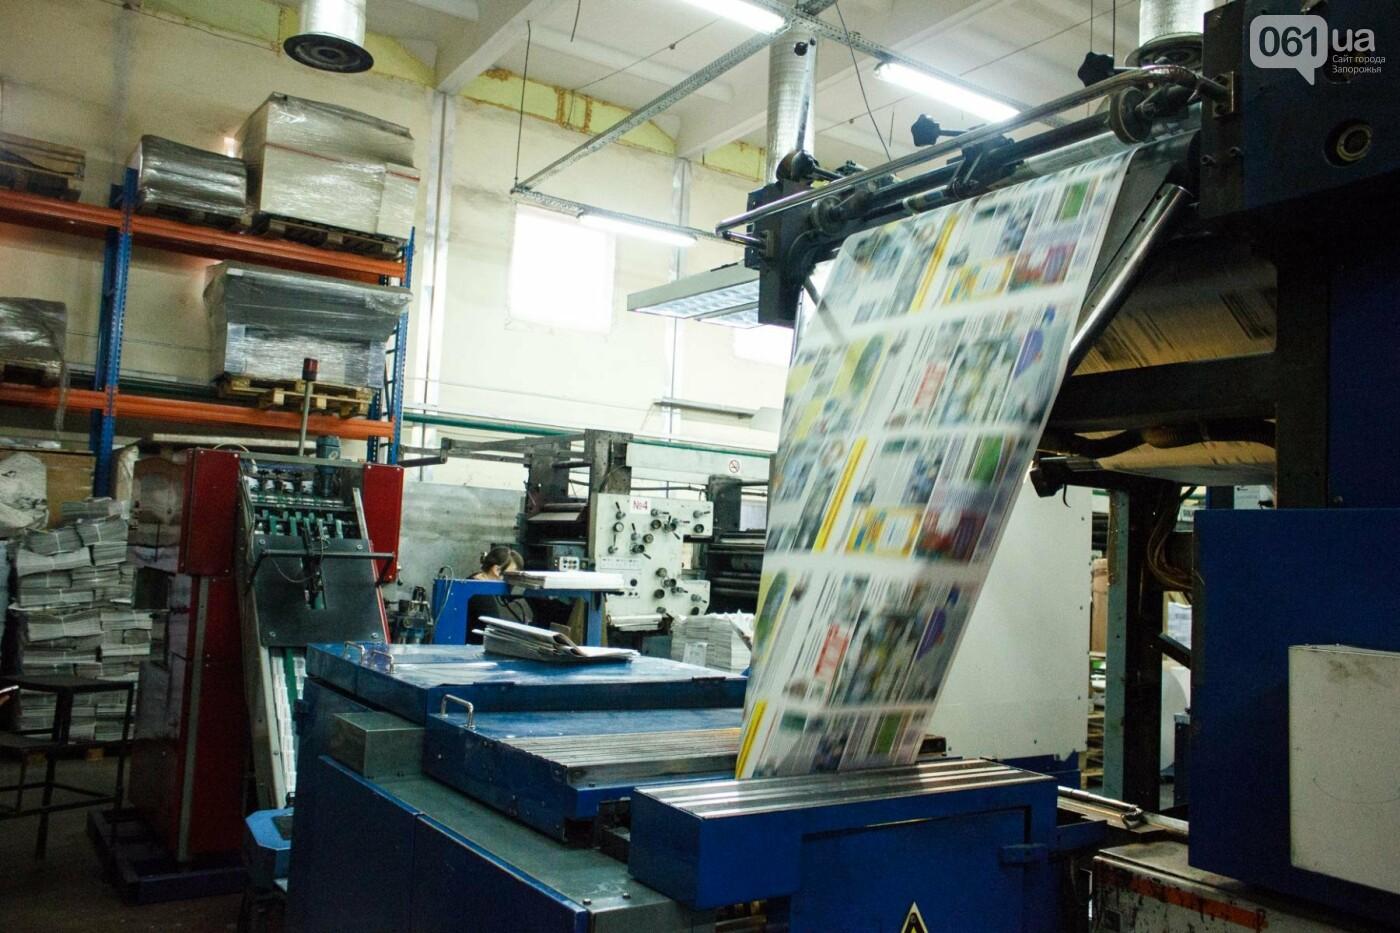 Как в Запорожье печатают газеты: экскурсия в типографию, - ФОТО, ВИДЕО, фото-20